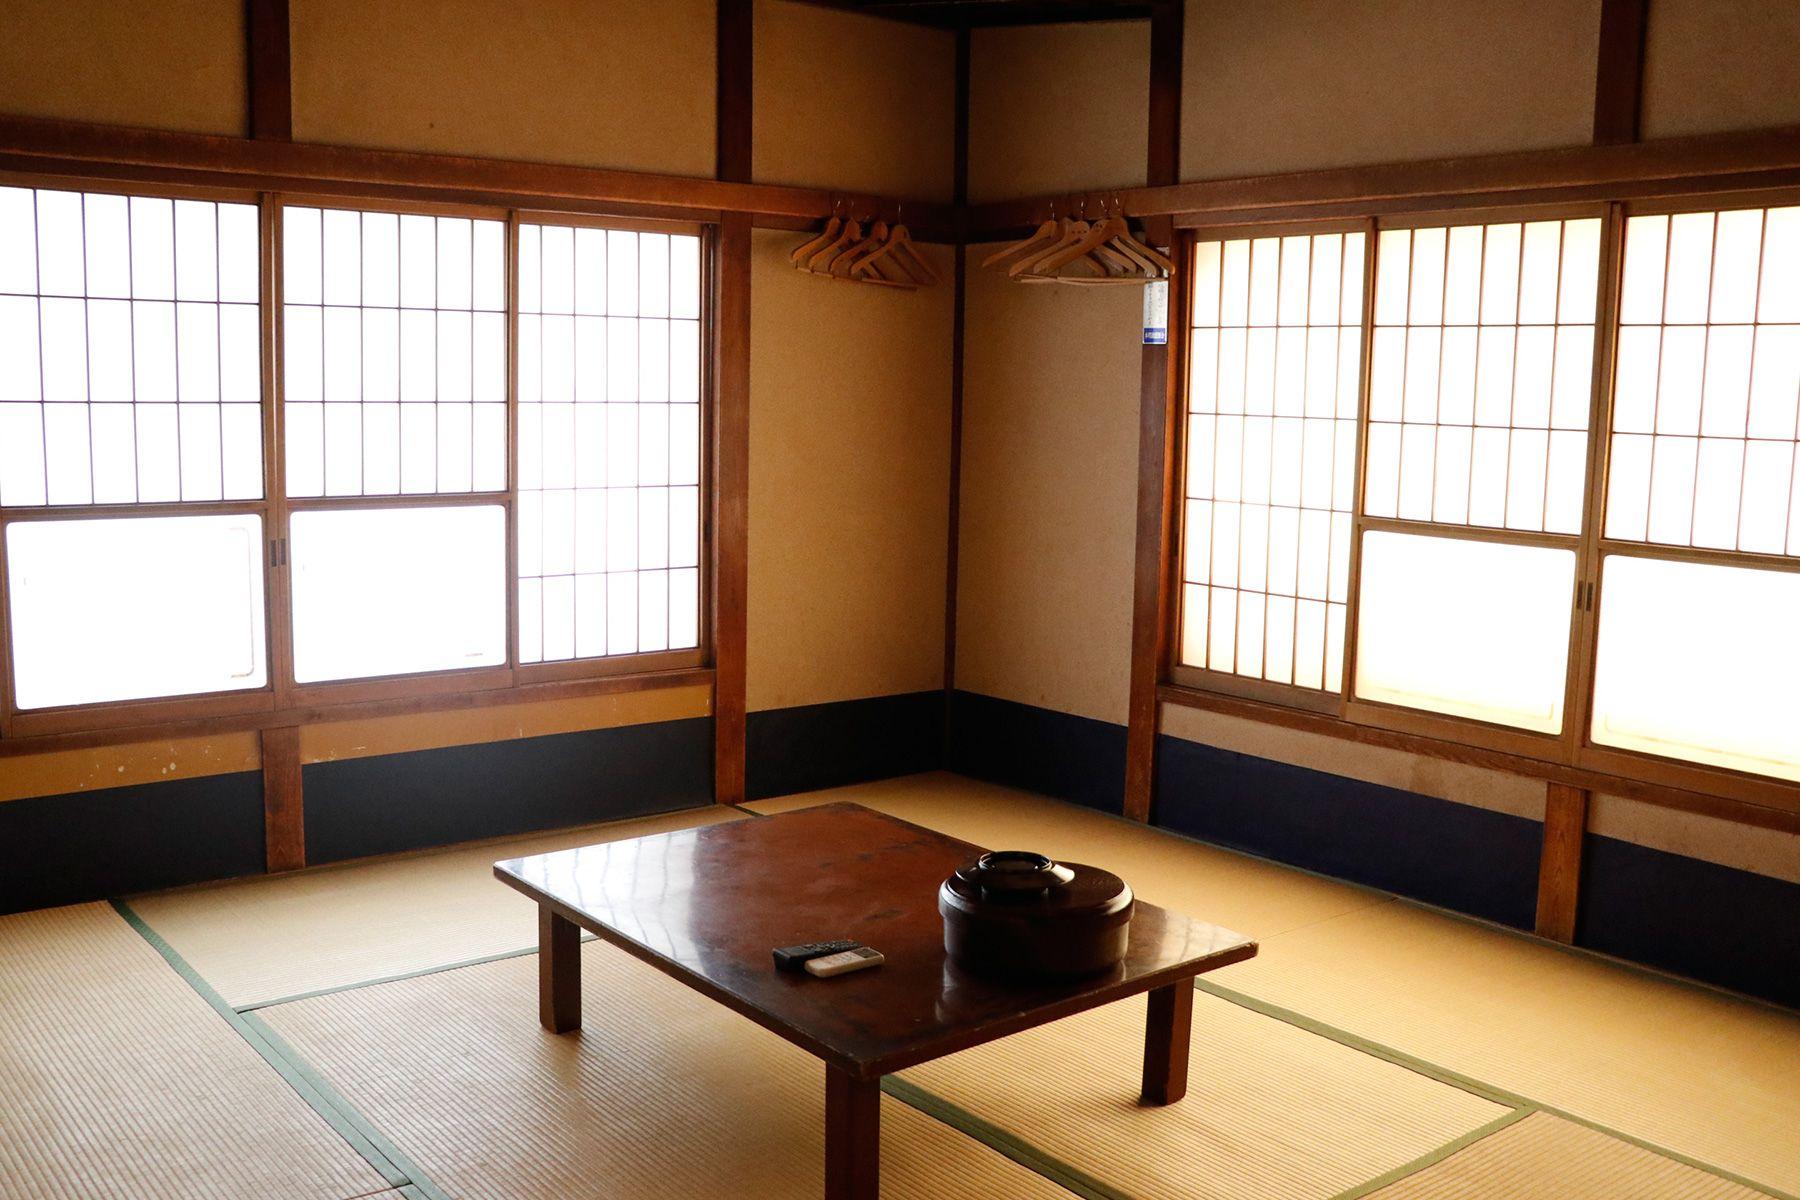 HOMEIKAN 森川別館/旅館 (ホウメイカン)千歳(10畳)窓は南と西2面